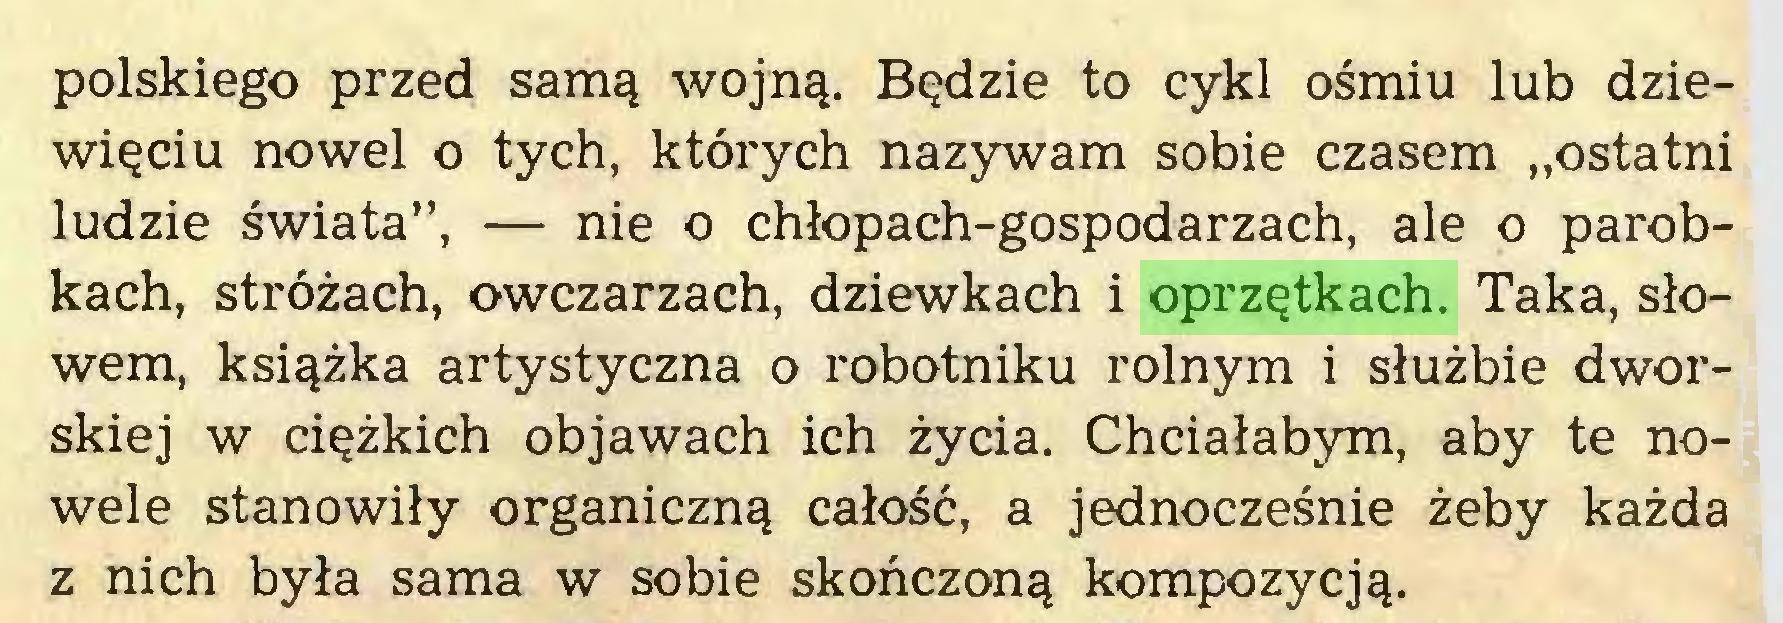 """(...) polskiego przed samą wojną. Będzie to cykl ośmiu lub dziewięciu nowel o tych, których nazywam sobie czasem """"ostatni ludzie świata"""", — nie o chłopach-gospodarzach, ale o parobkach, stróżach, owczarzach, dziewkach i oprzętkach. Taka, słowem, książka artystyczna o robotniku rolnym i służbie dworskiej w ciężkich objawach ich życia. Chciałabym, aby te nowele stanowiły organiczną całość, a jednocześnie żeby każda z nich była sama w sobie skończoną kompozycją..."""